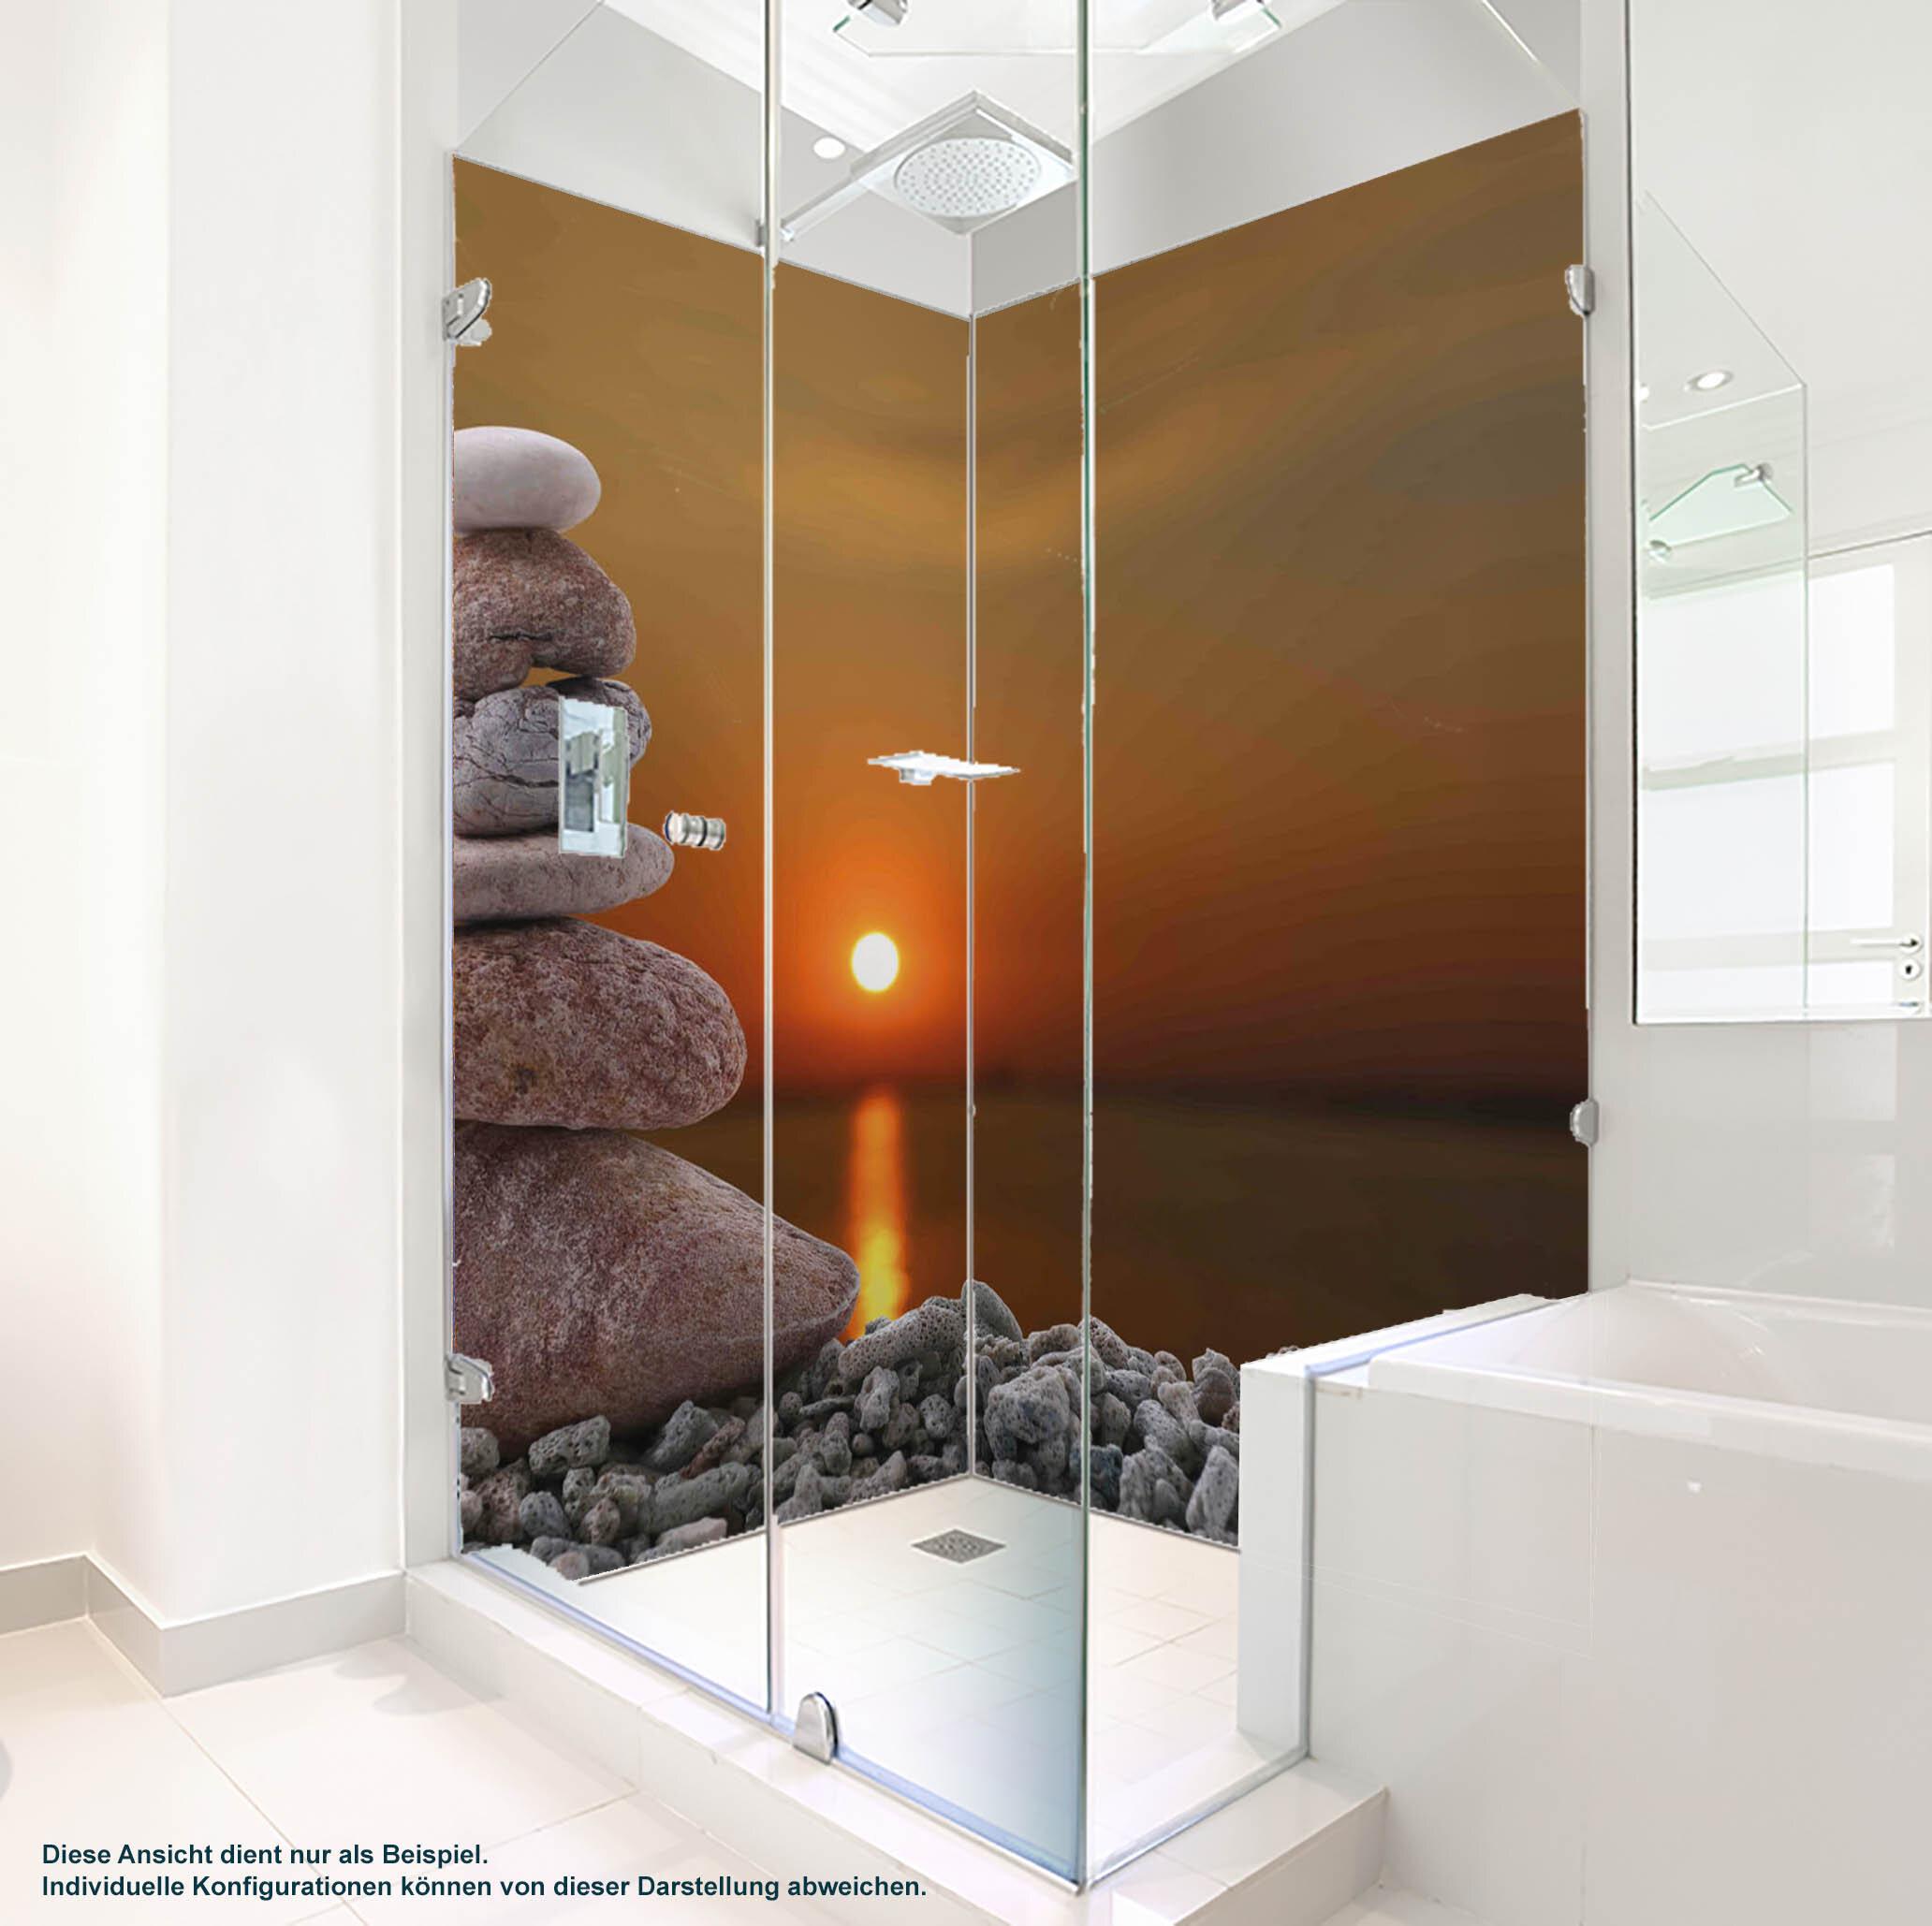 Dusche PlateART Duschrückwand mit Motiv Wellness ZEN Abendsonne